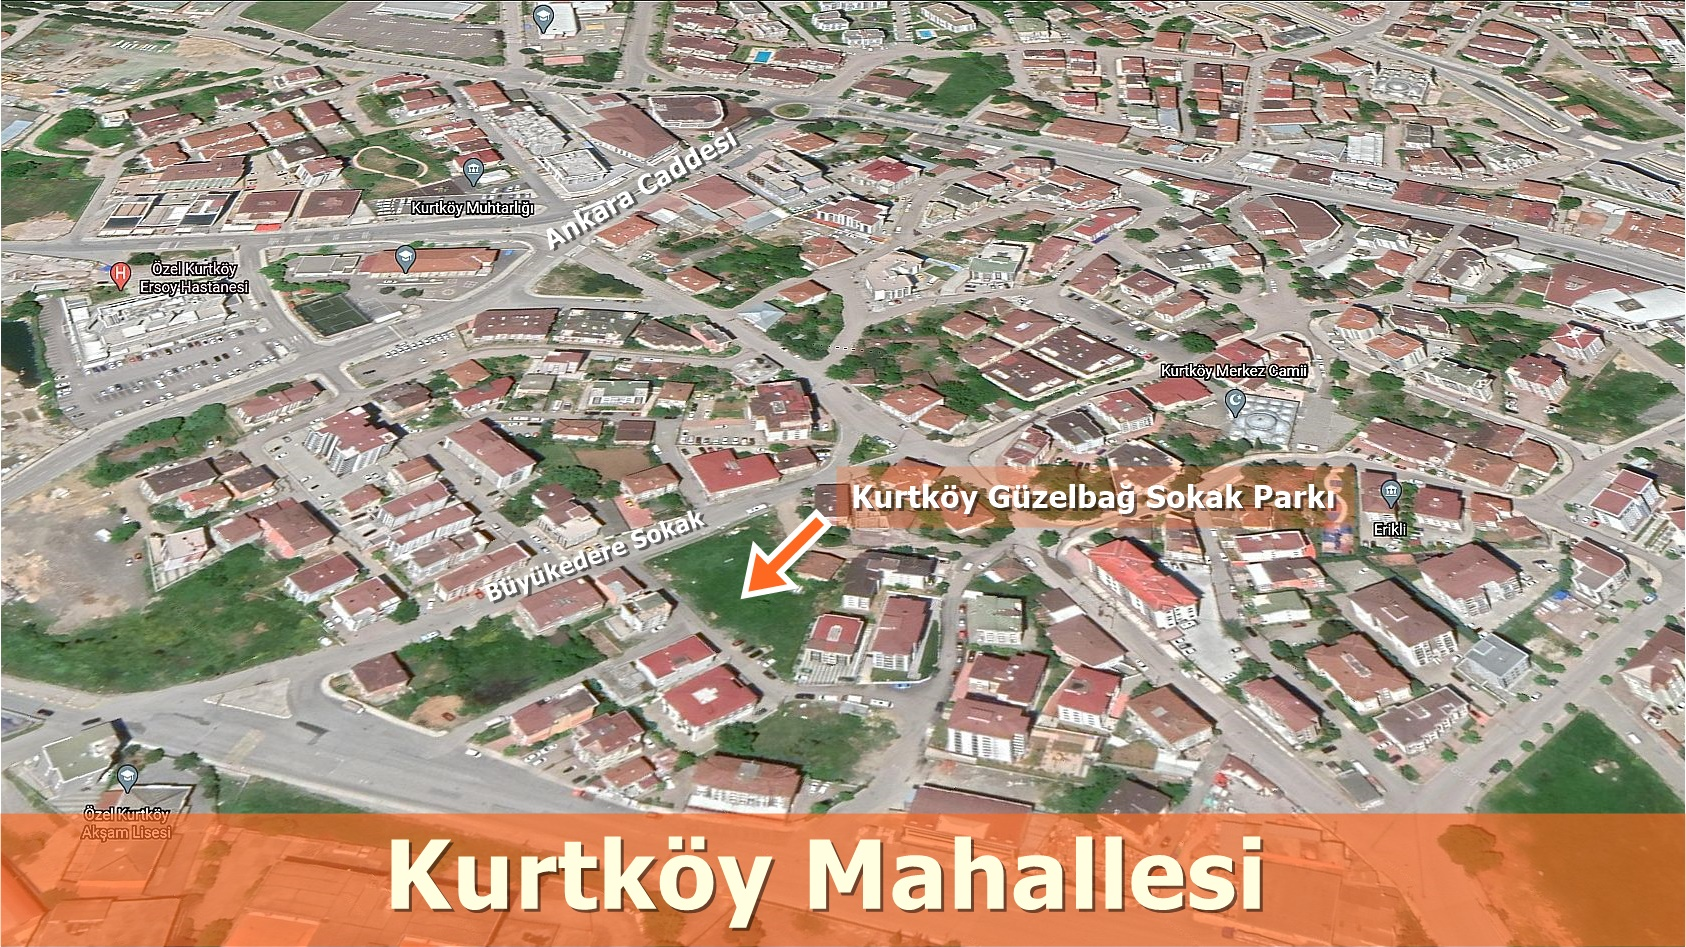 Kurtköy Güzelbağ Sokak Parkı Pendik'e kazandırıldı!